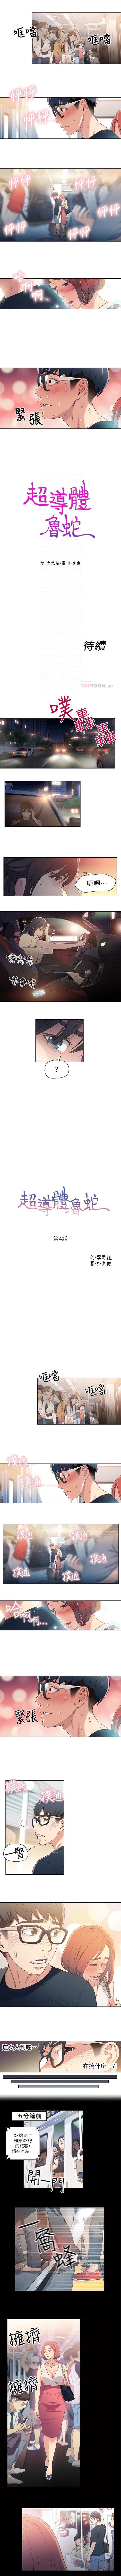 (週7)超導體魯蛇(超級吸引力) 1-22 中文翻譯(更新中) 14